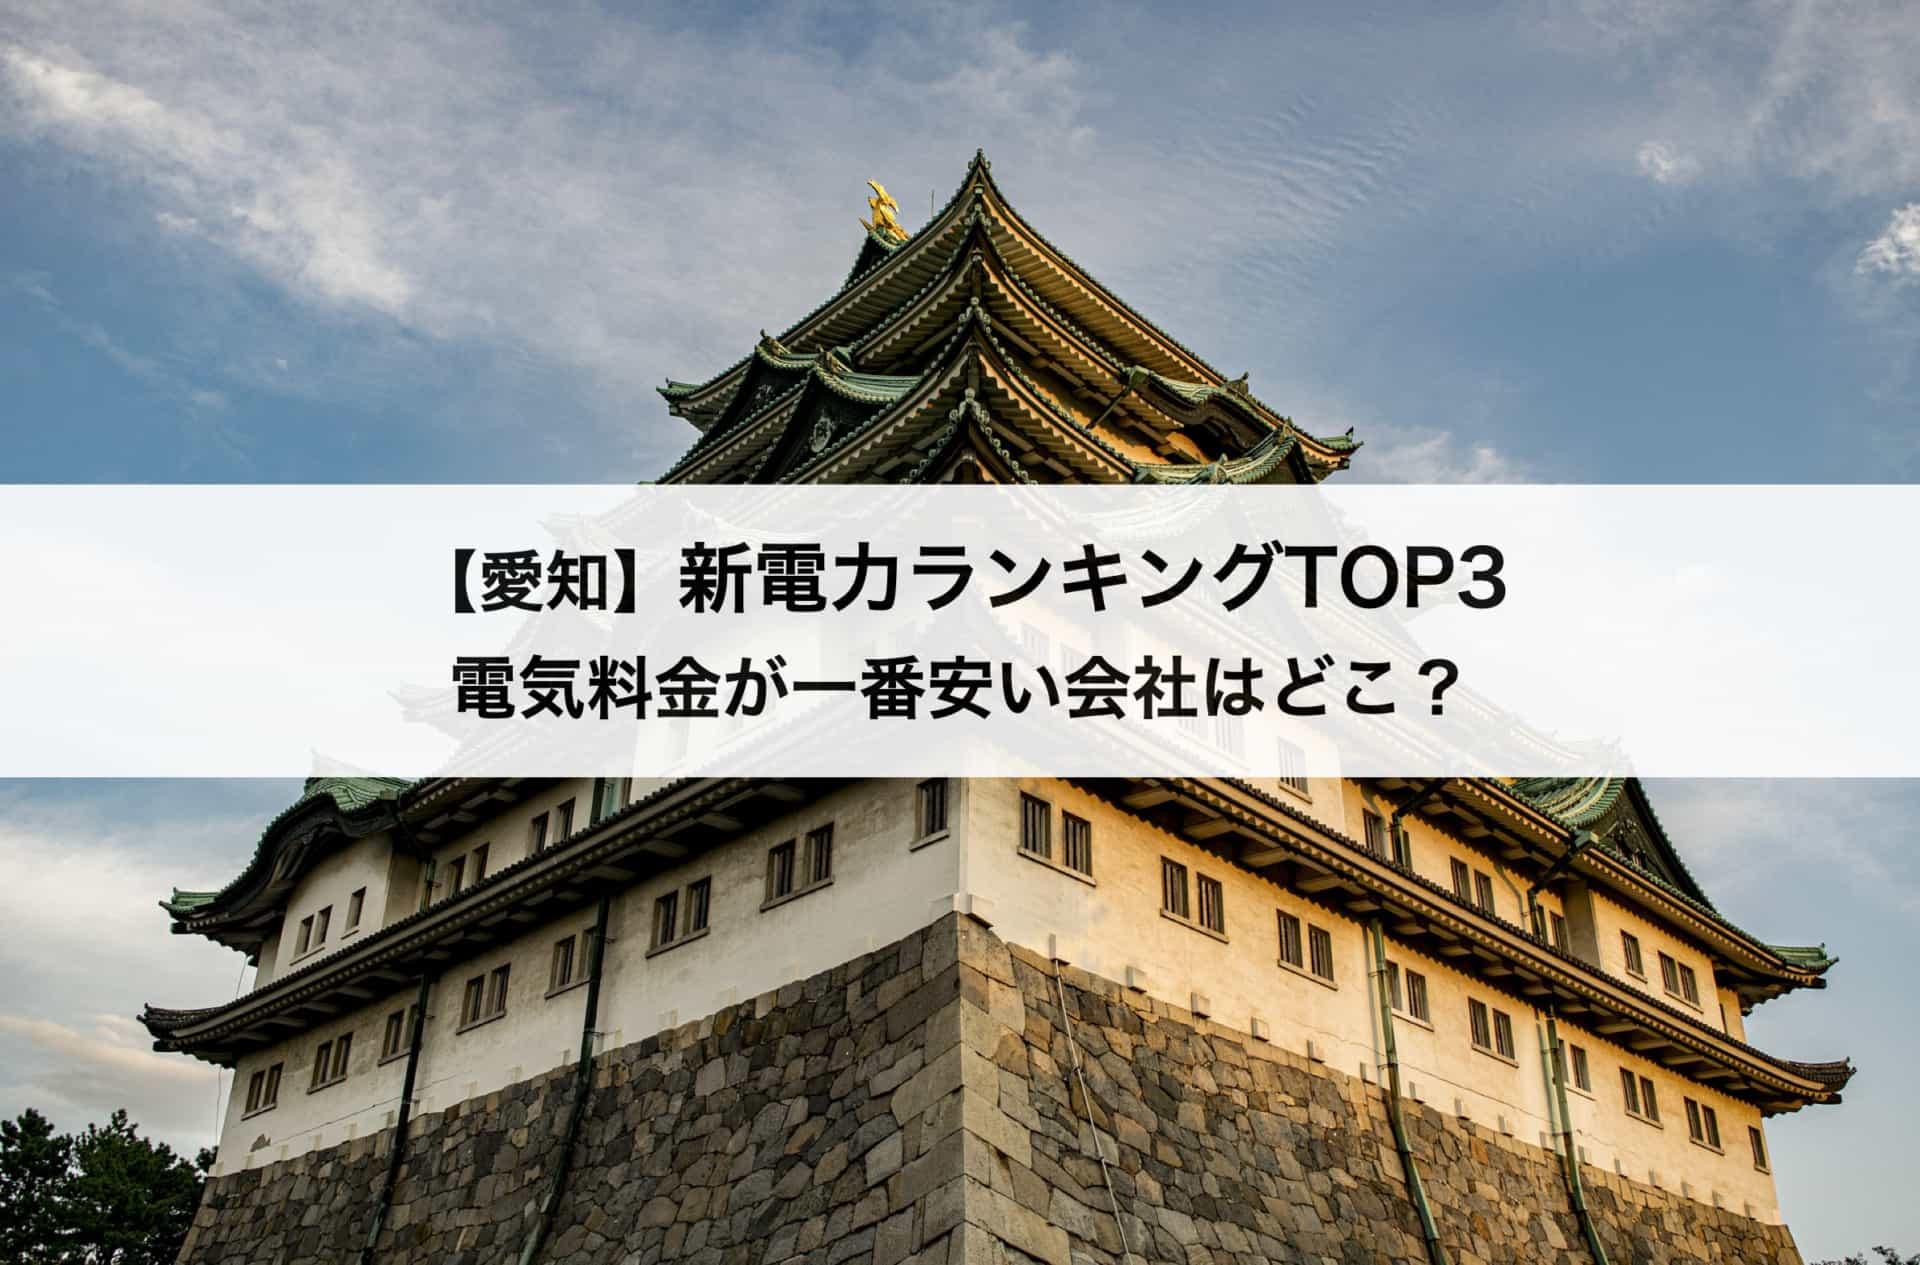 【愛知県】新電力会社おすすめランキングTOP3|電気料金が一番安い会社はどこ?